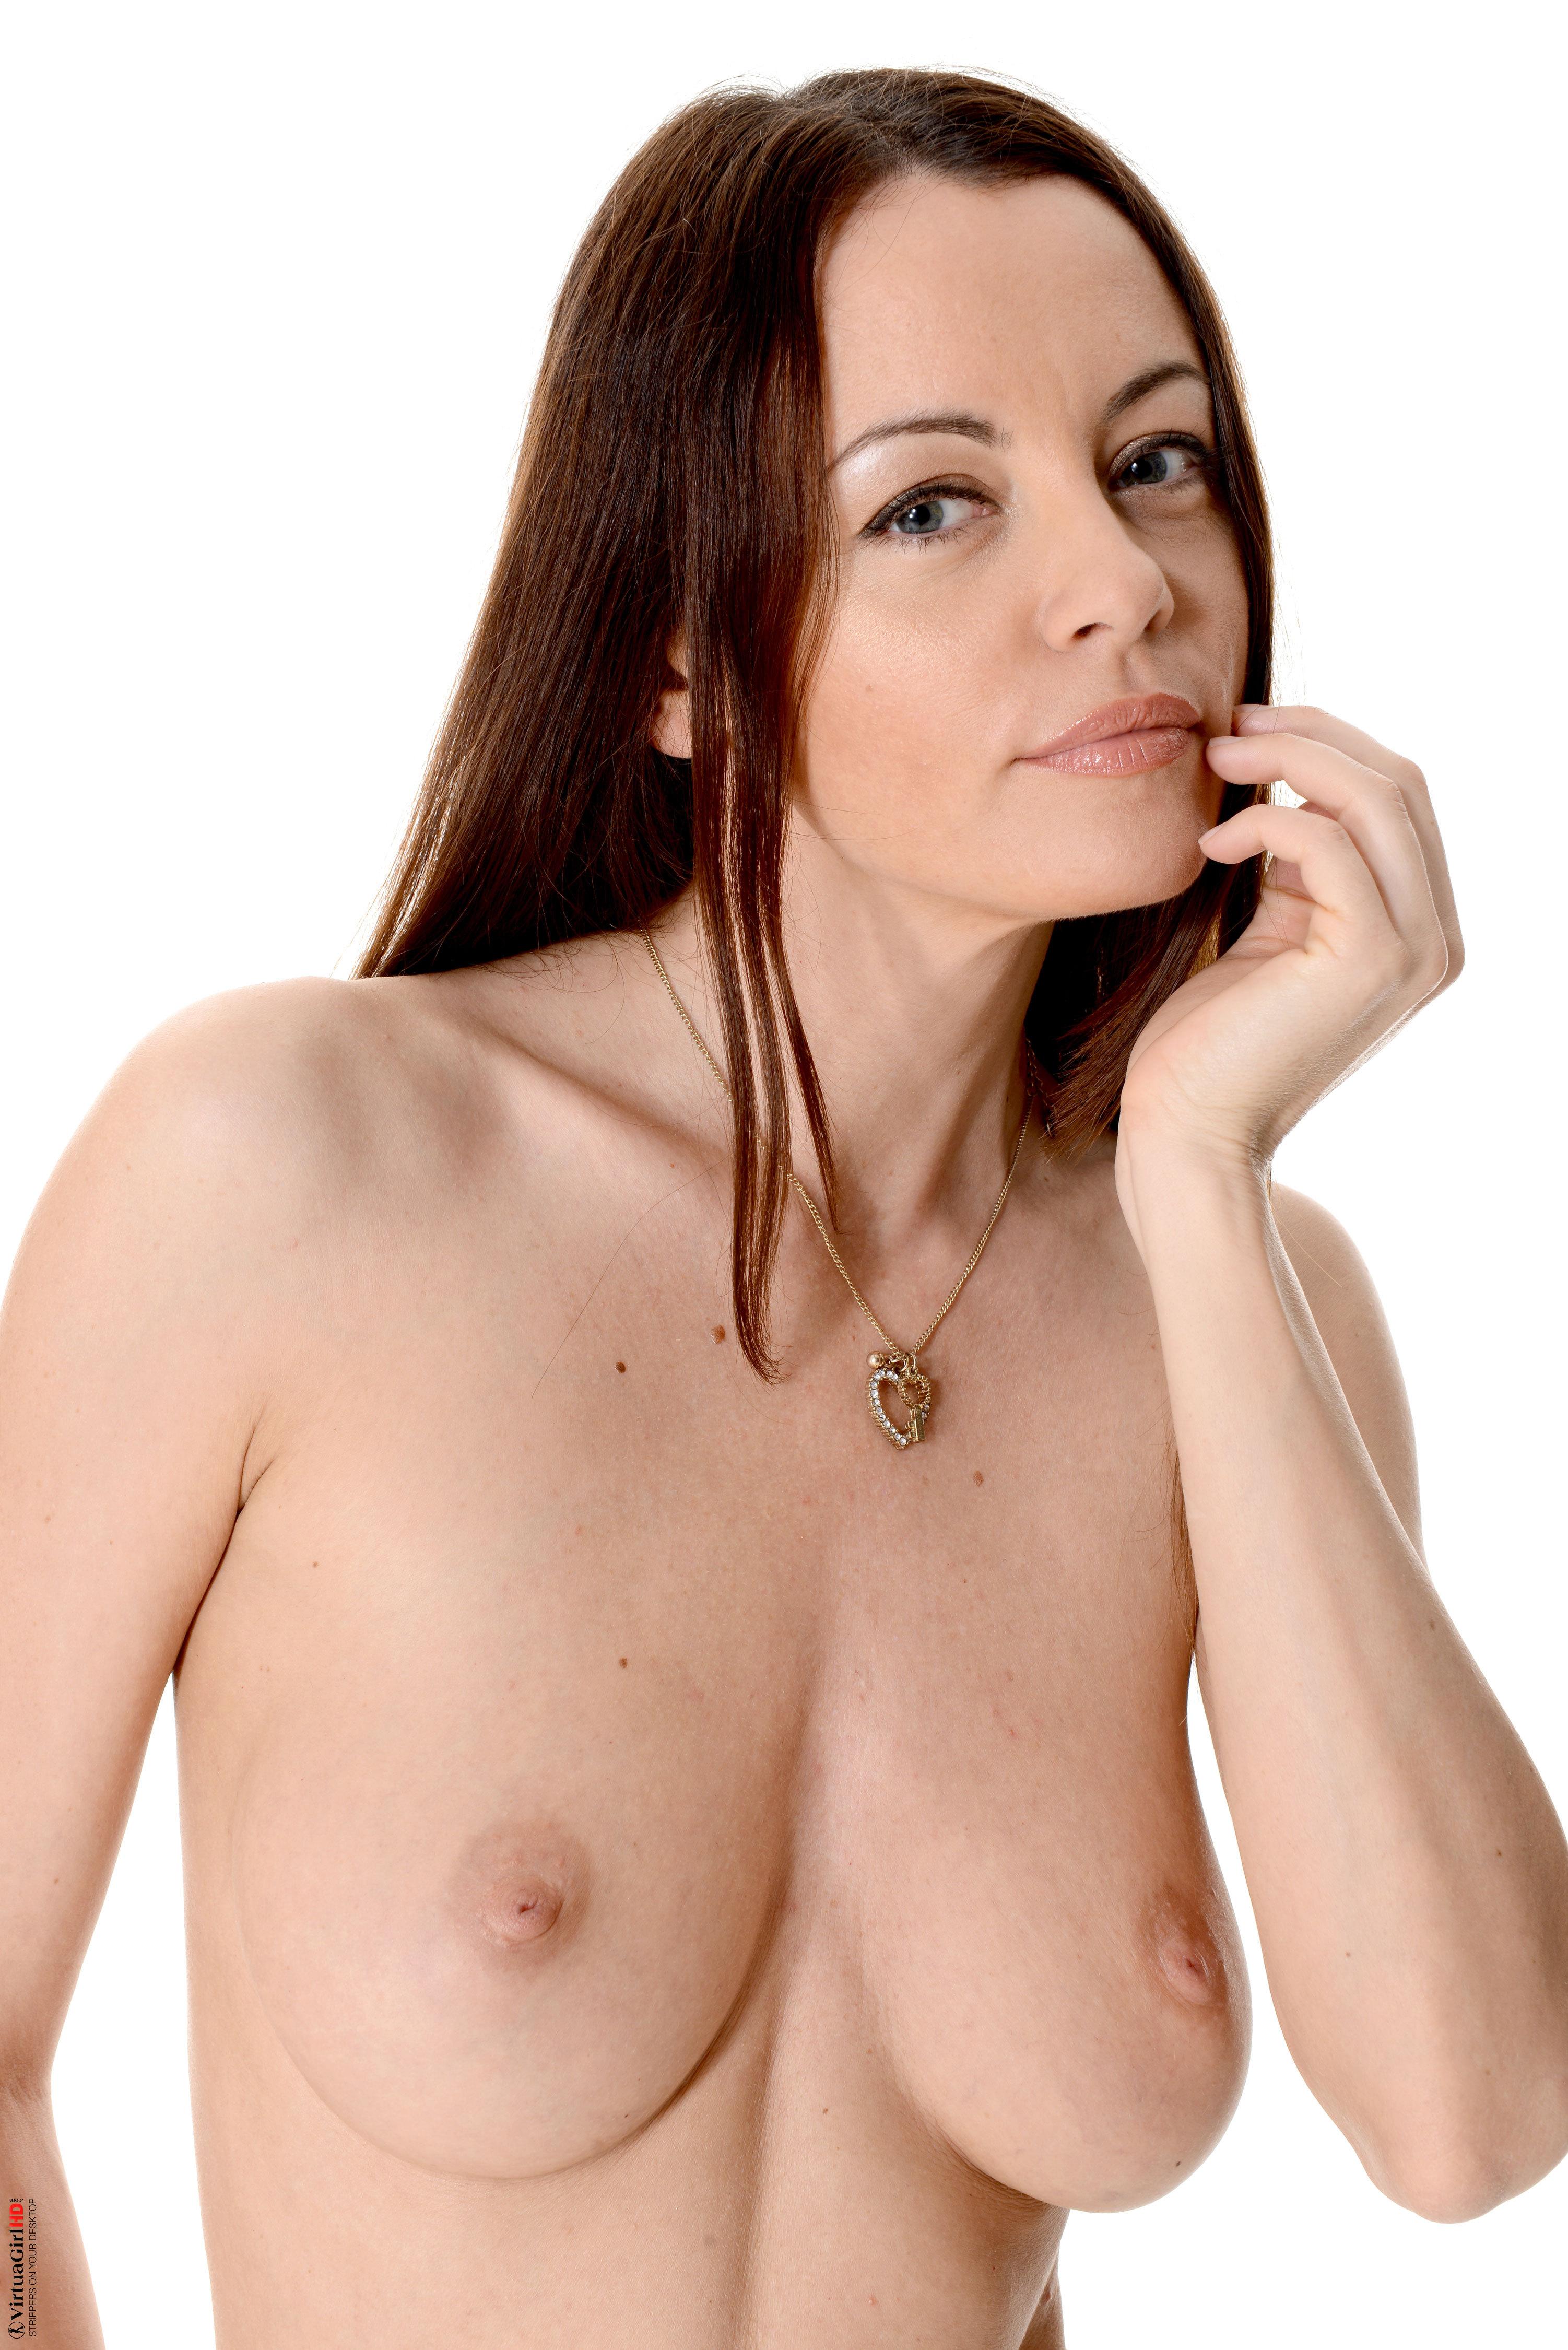 wallpaper of naked women